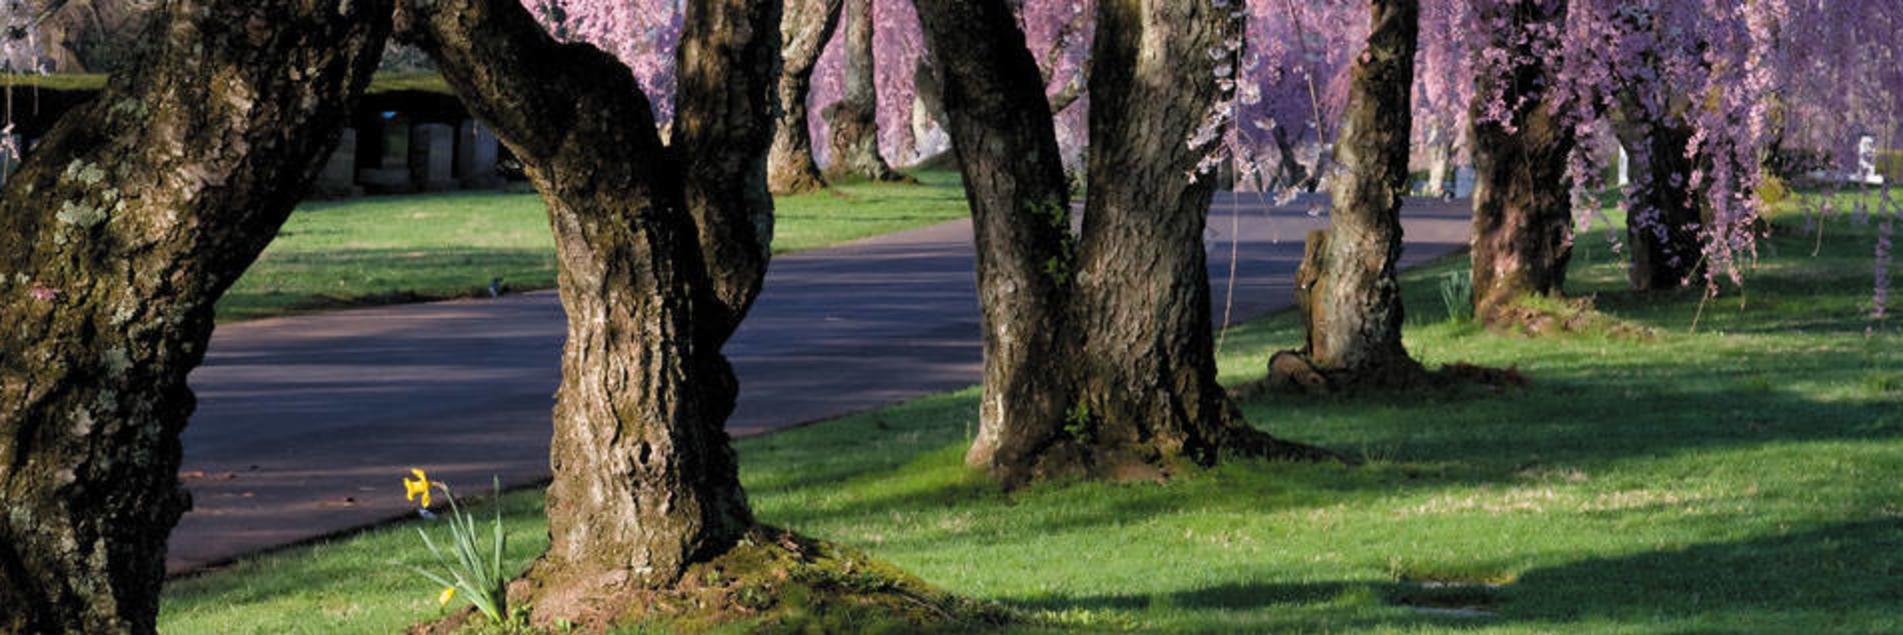 Lexington Cemetery: National Arboretum